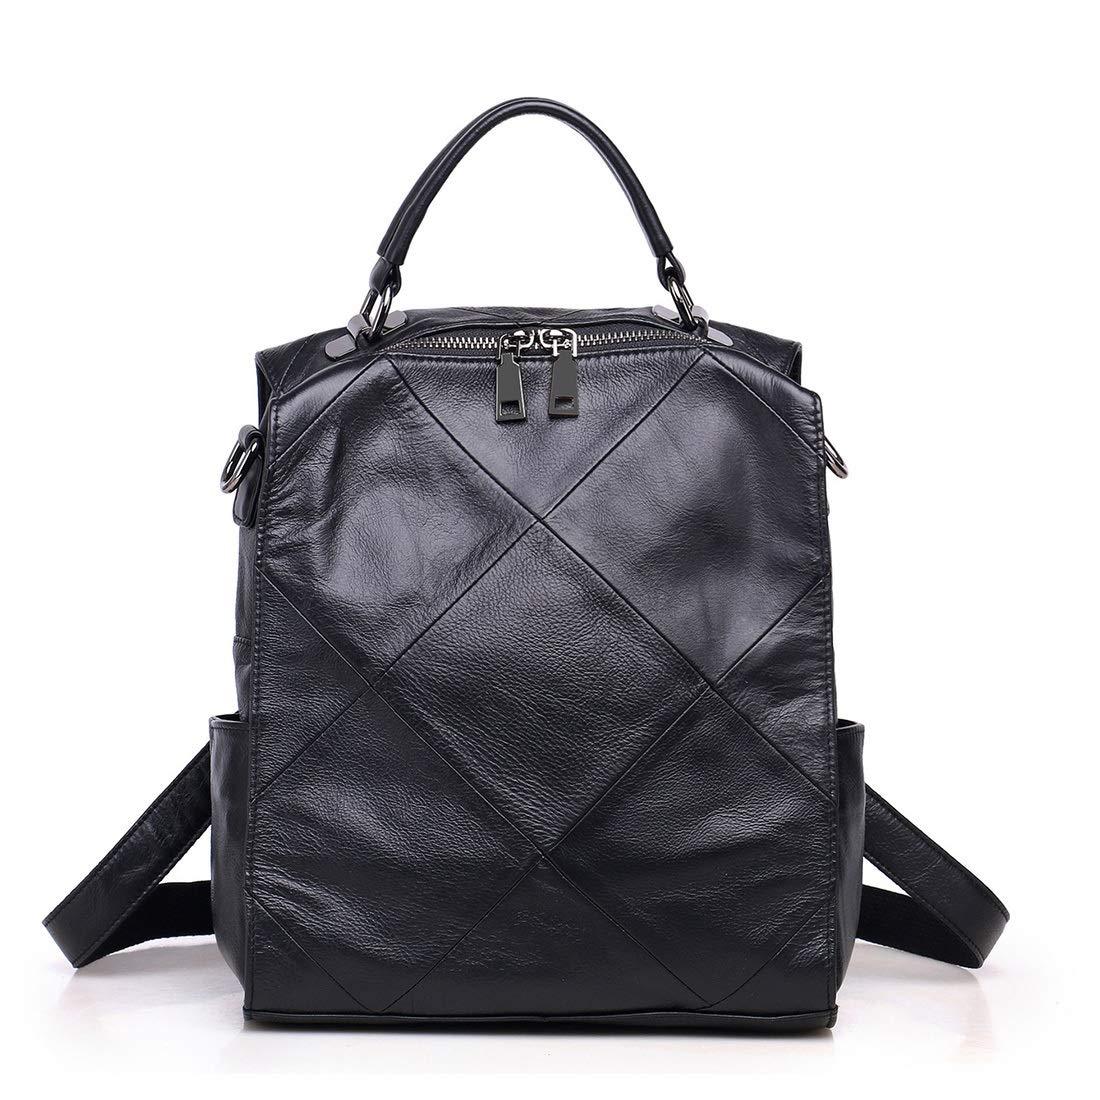 肌触りがいい DOUGHNUT 女性のバックパック財布3つの方法本革の女性のハンドバッグショルダーバッグ傾斜ショルダーバッグ 黒 (色 : 黒 コーヒー色) B07R6G62GR 黒 コーヒー色) 黒, 完売:6971170d --- cursos.paulsotomayor.net